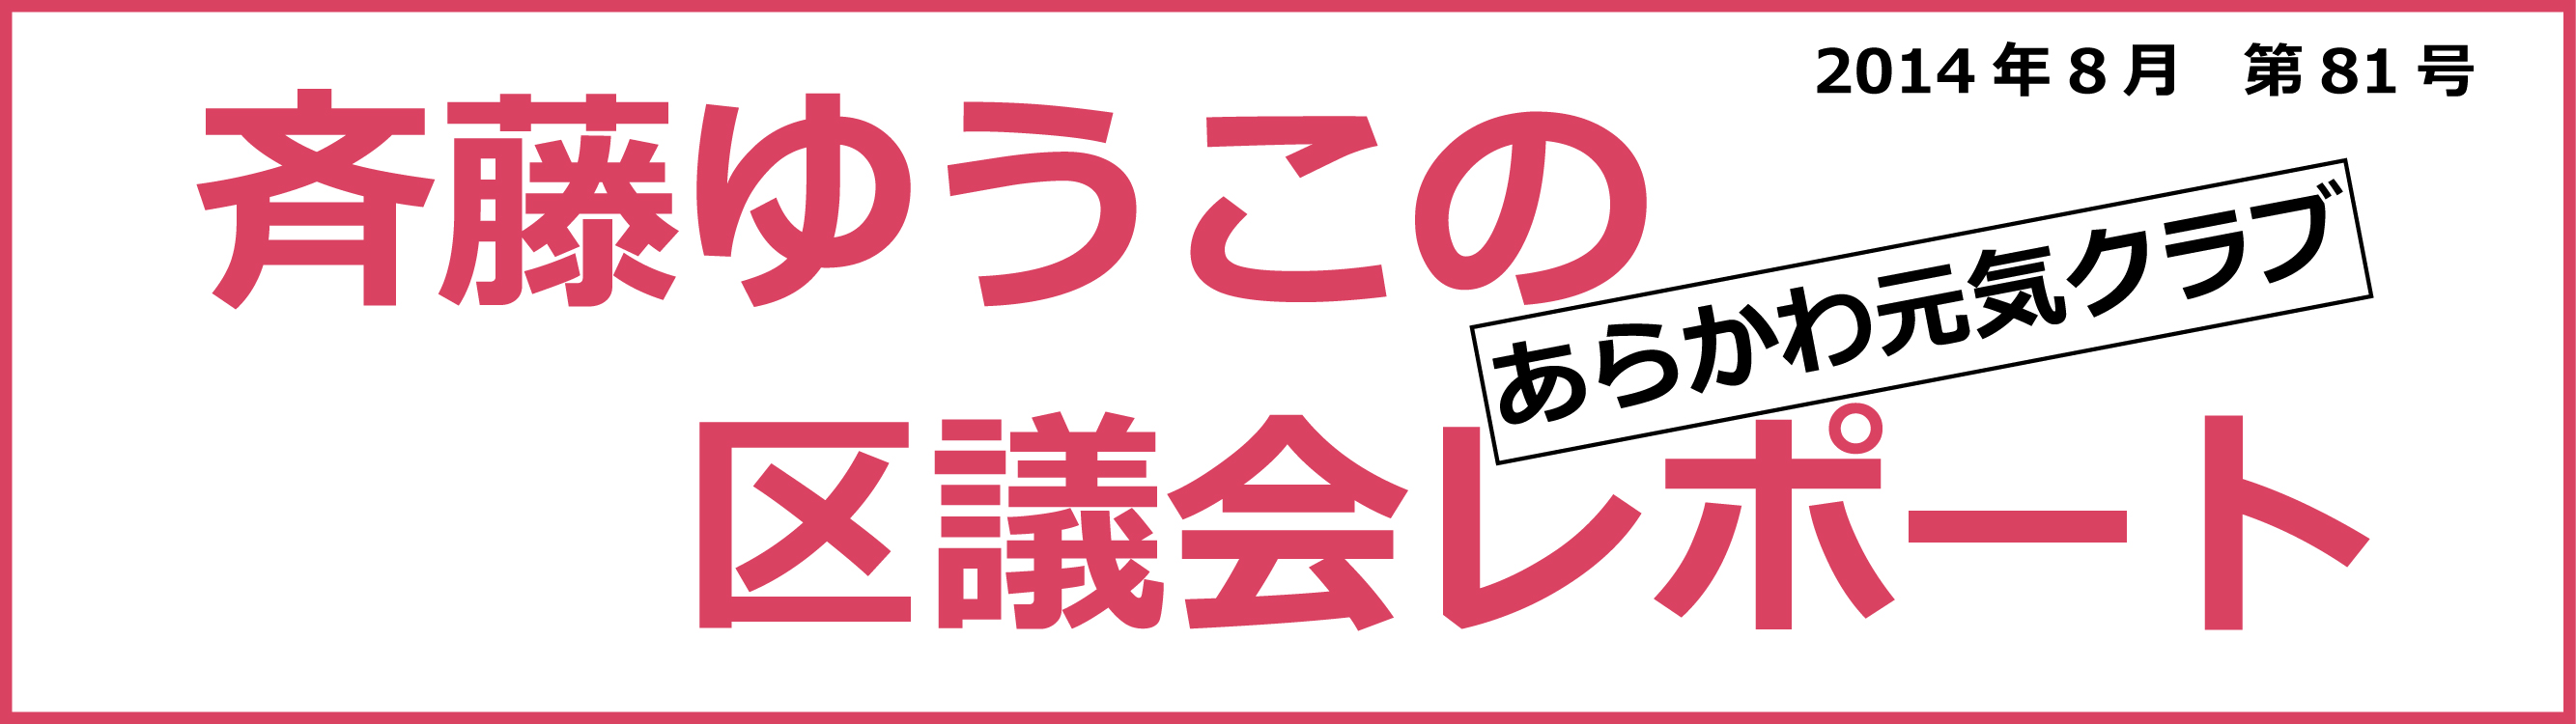 斉藤ゆうこの区議会レポート 2014年8月第81号